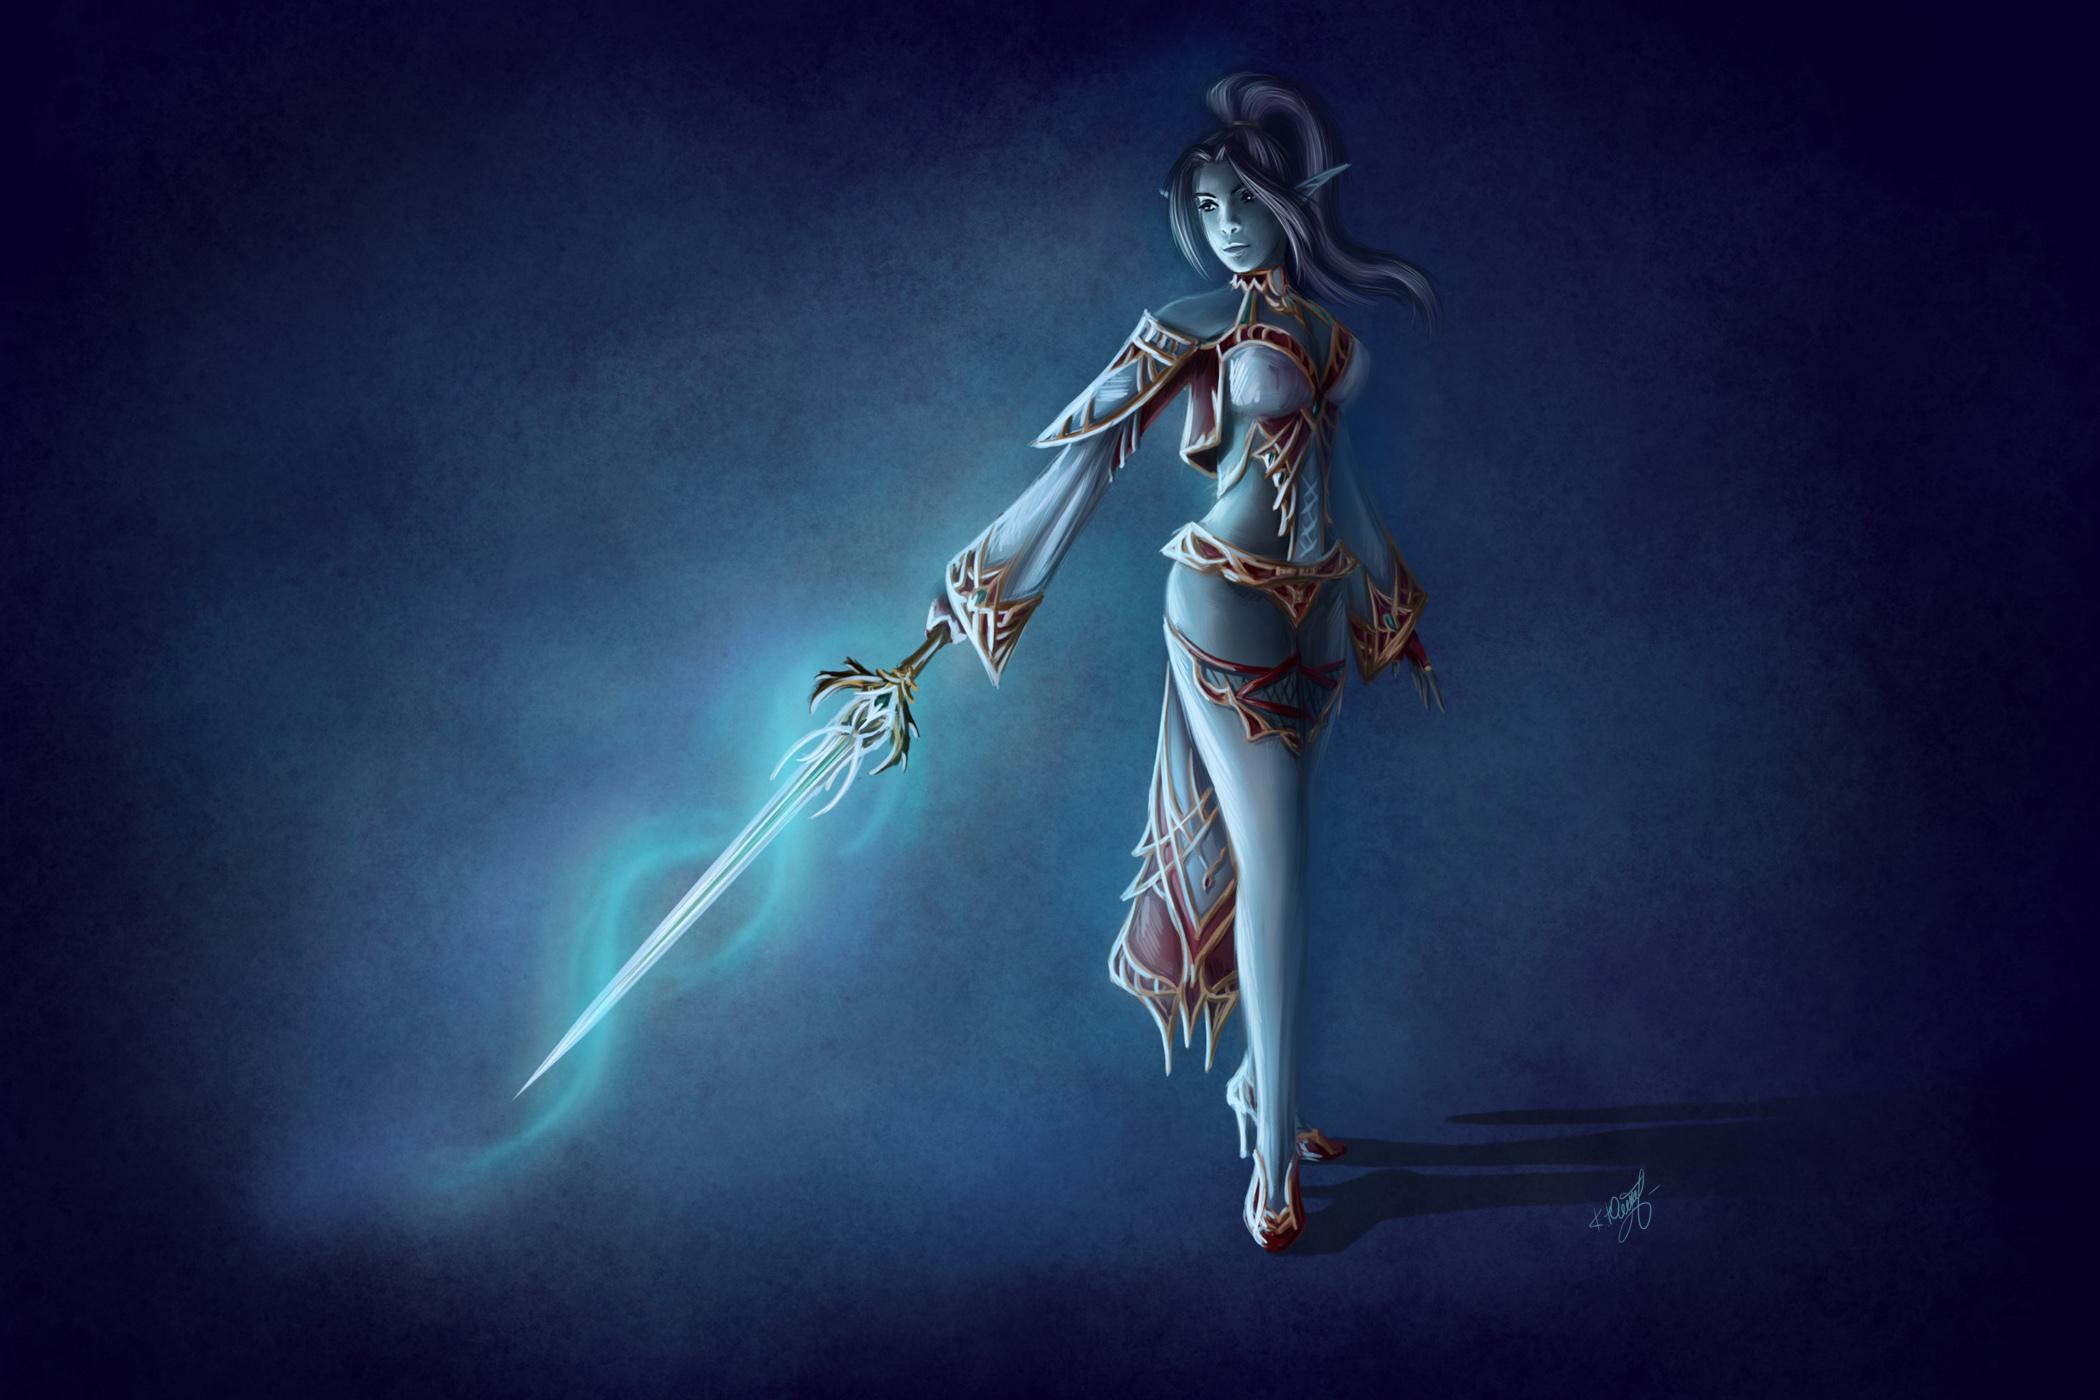 warrior elf desktop wallpapers - photo #27